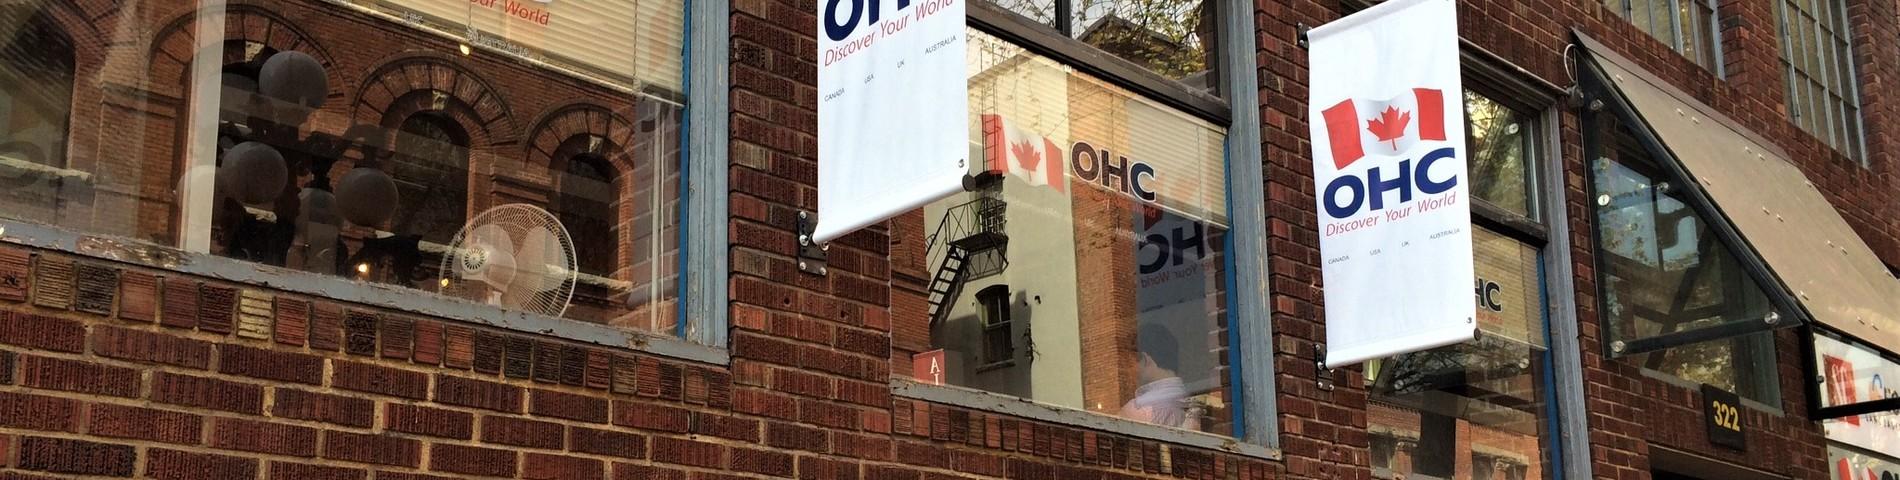 Imatge 1 de l'escola OHC English